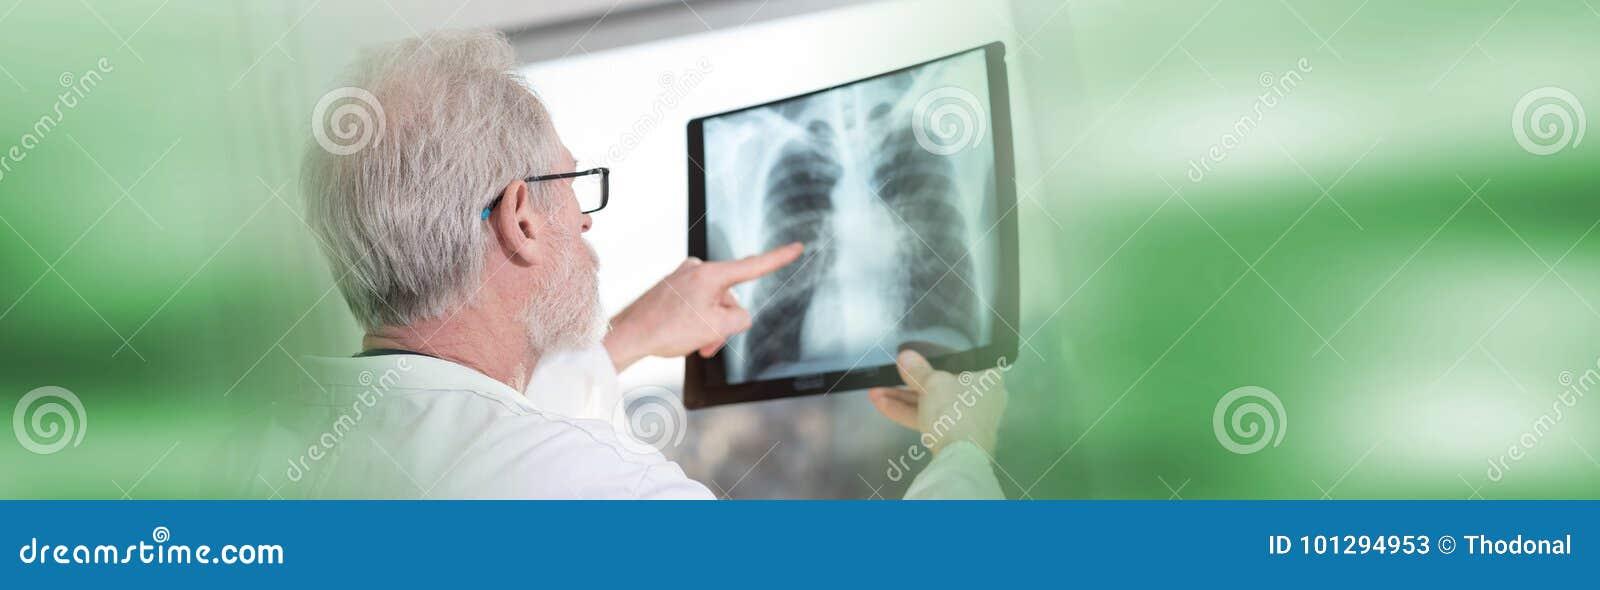 Doutor que olha o raio X